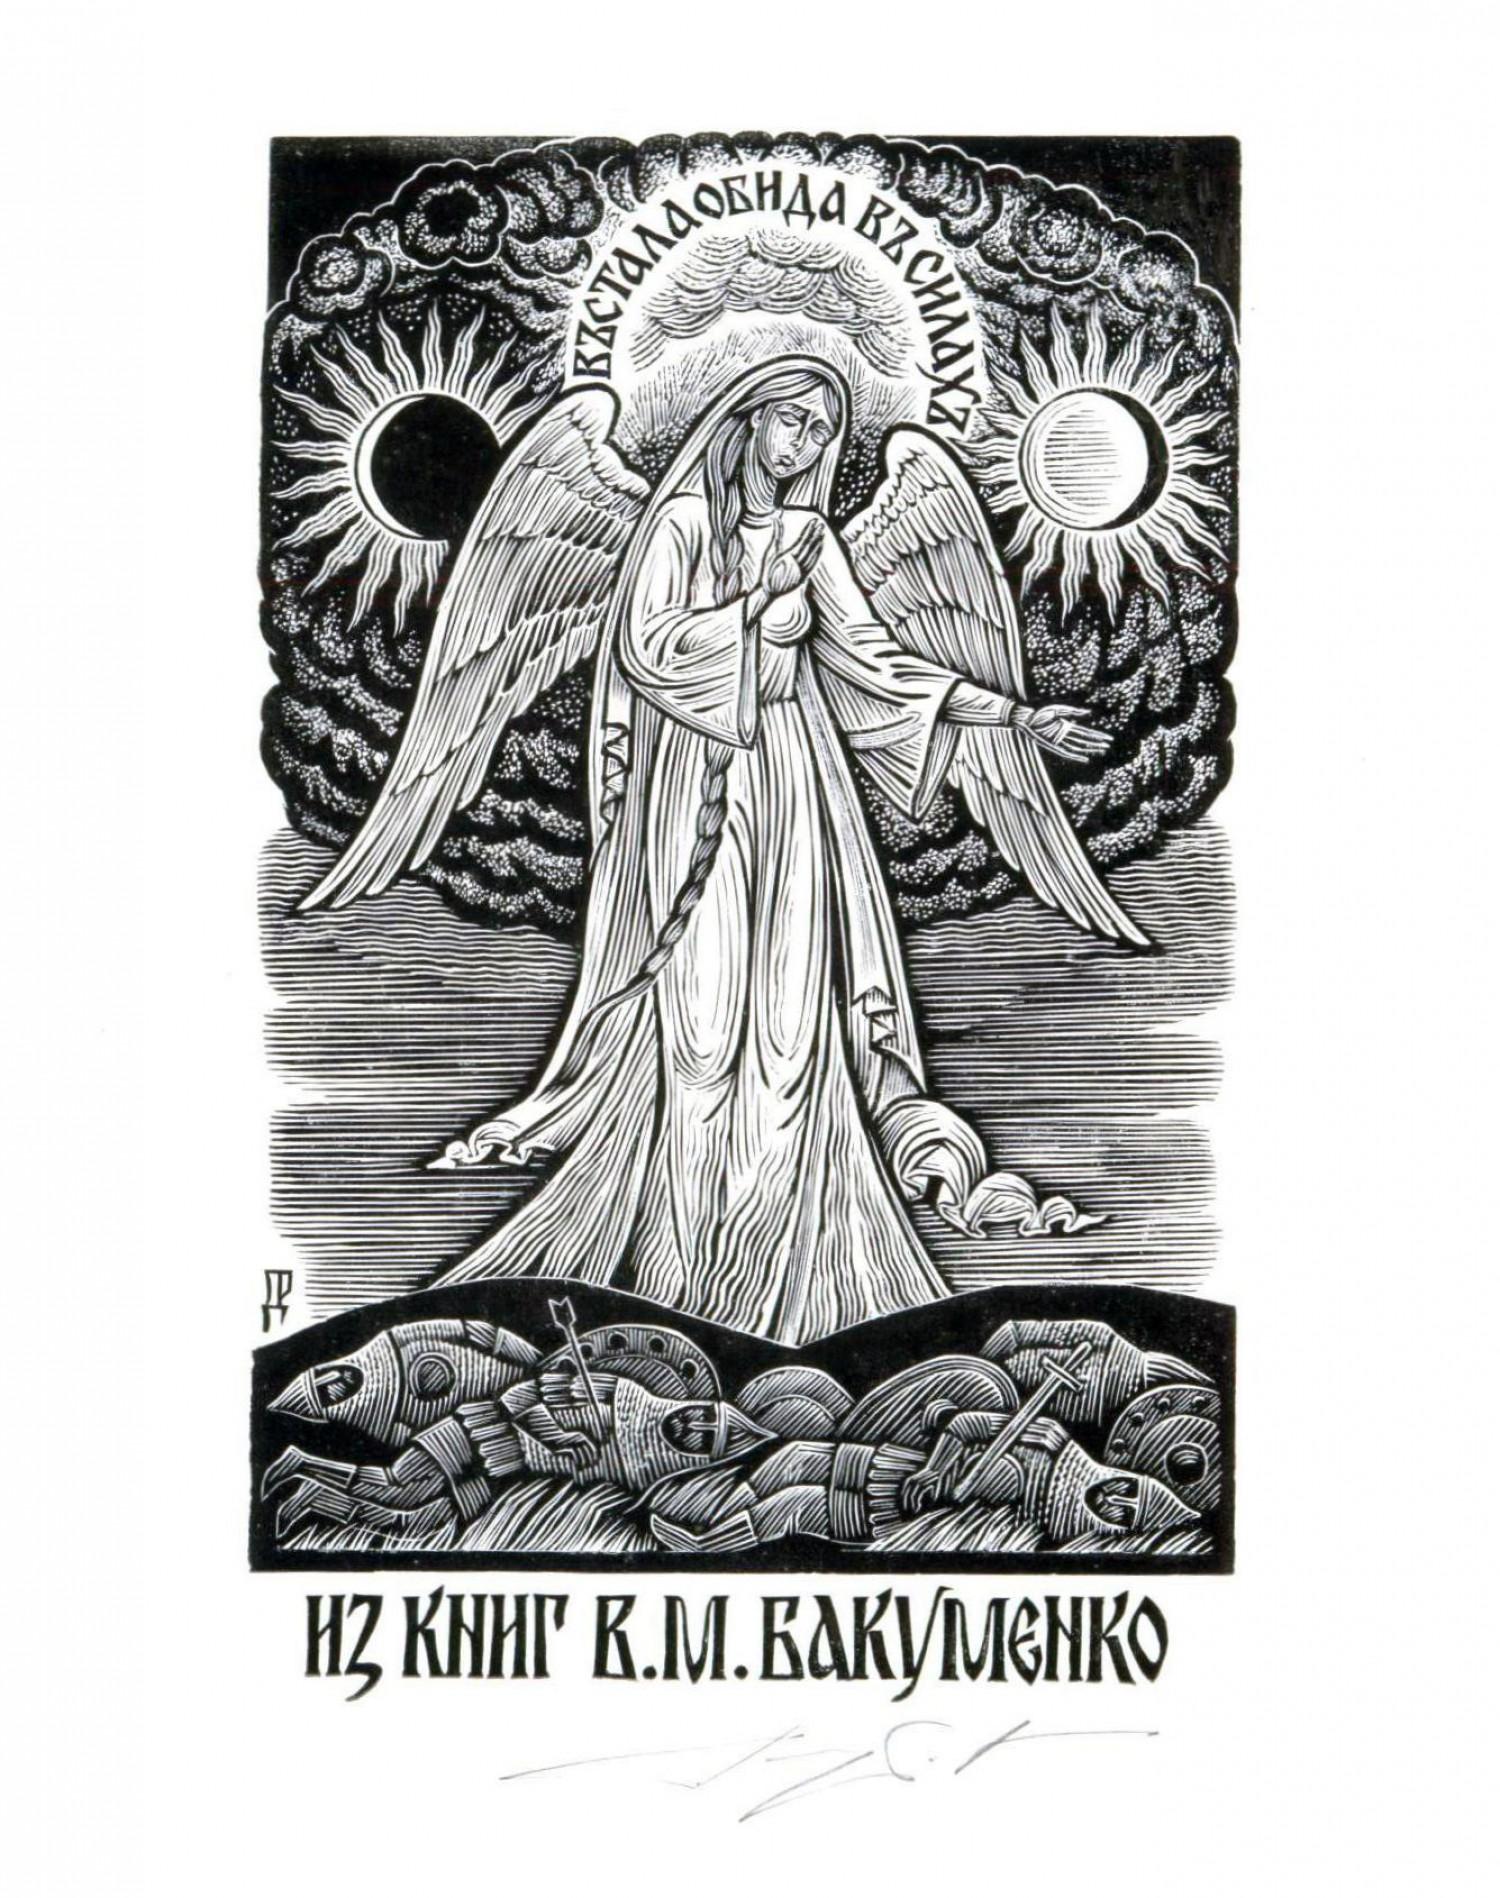 Д.П. Реутов. Из книг В.М.Бакуменко. 2012 г.. Ксилография, 117x73.